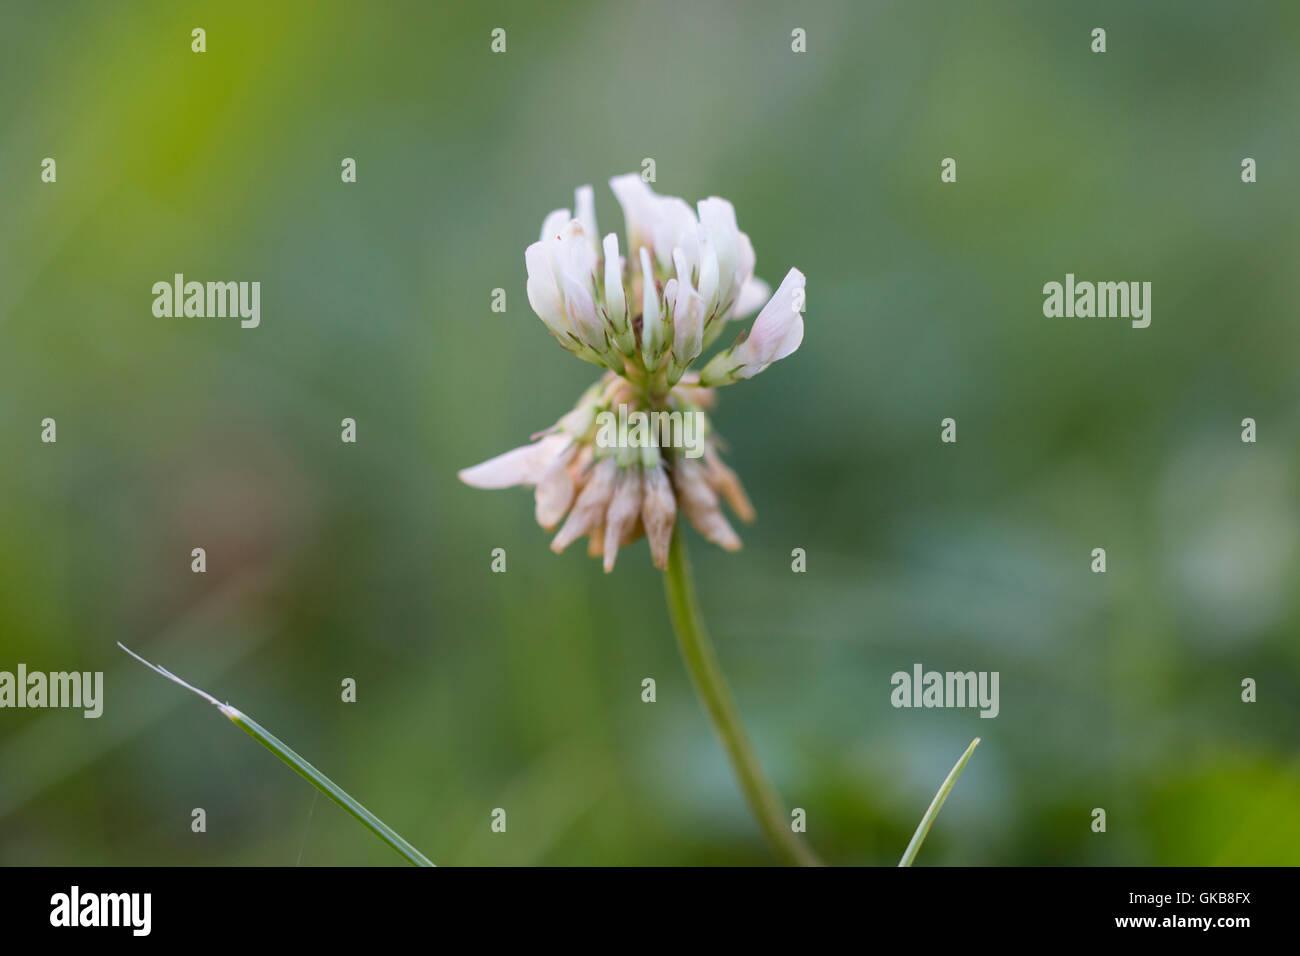 White  wild clover flower - Stock Image